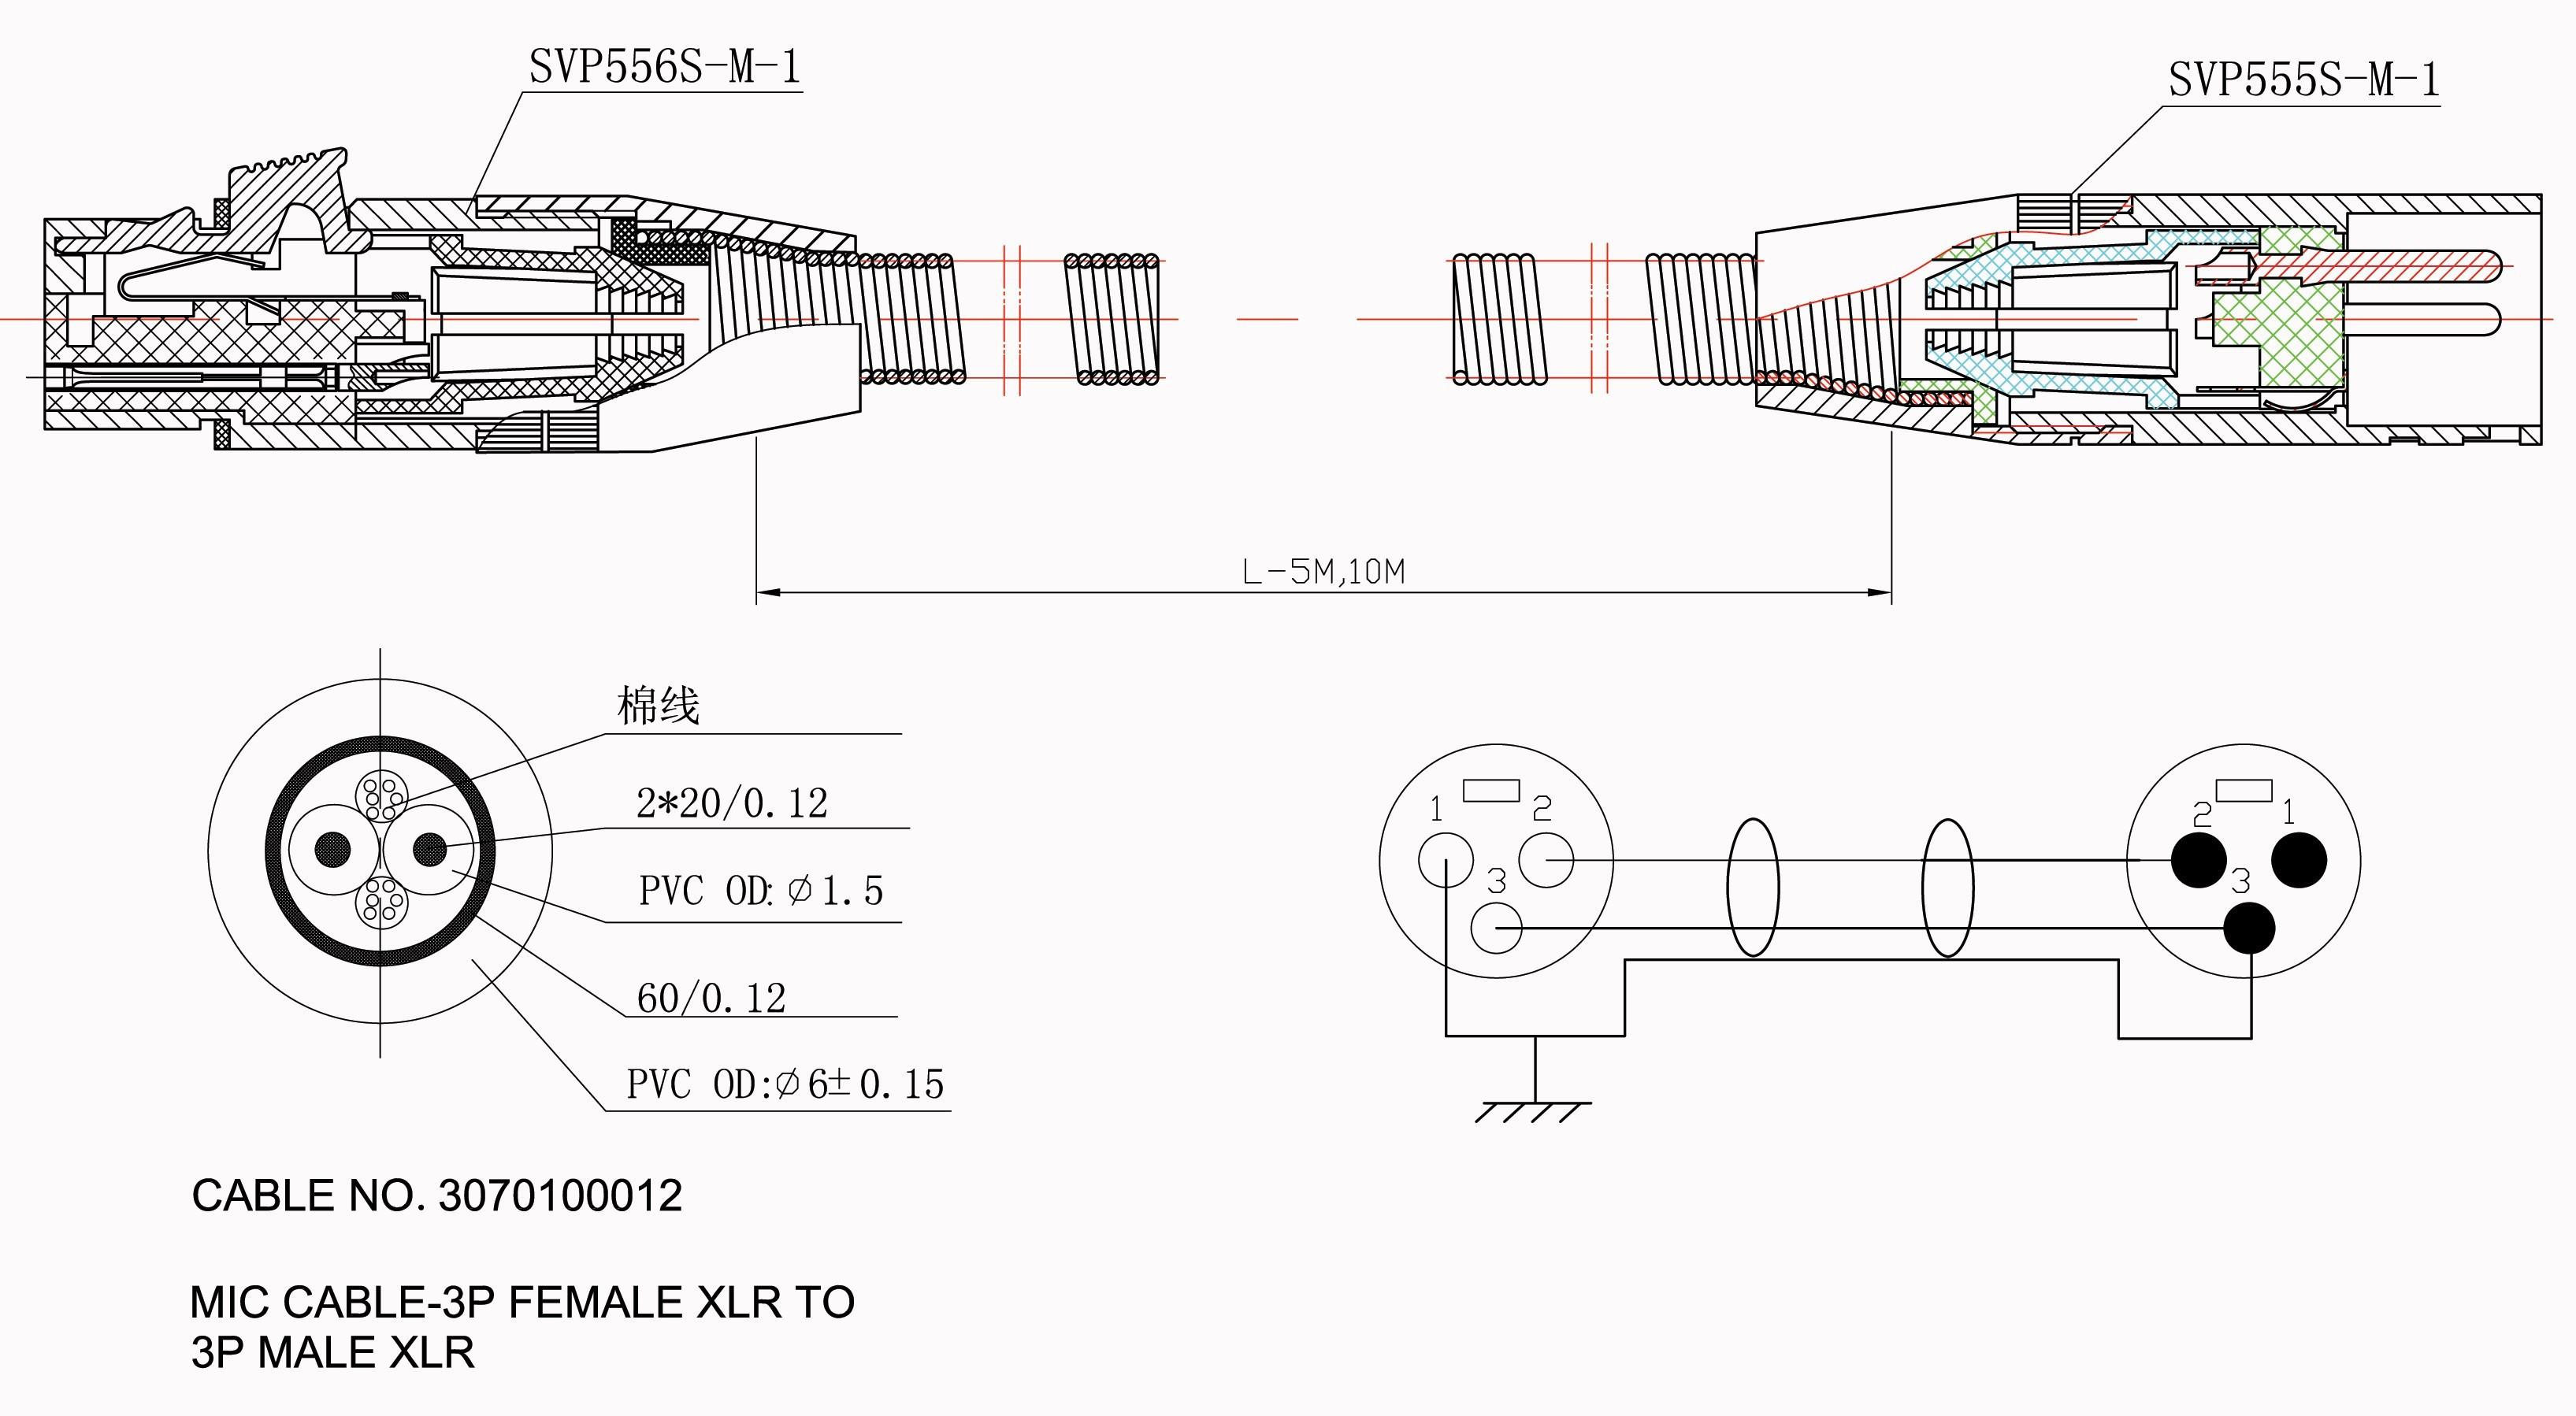 2000 nissan frontier trailer wiring diagram vw golf mk1 alternator pathfinder engine 2006